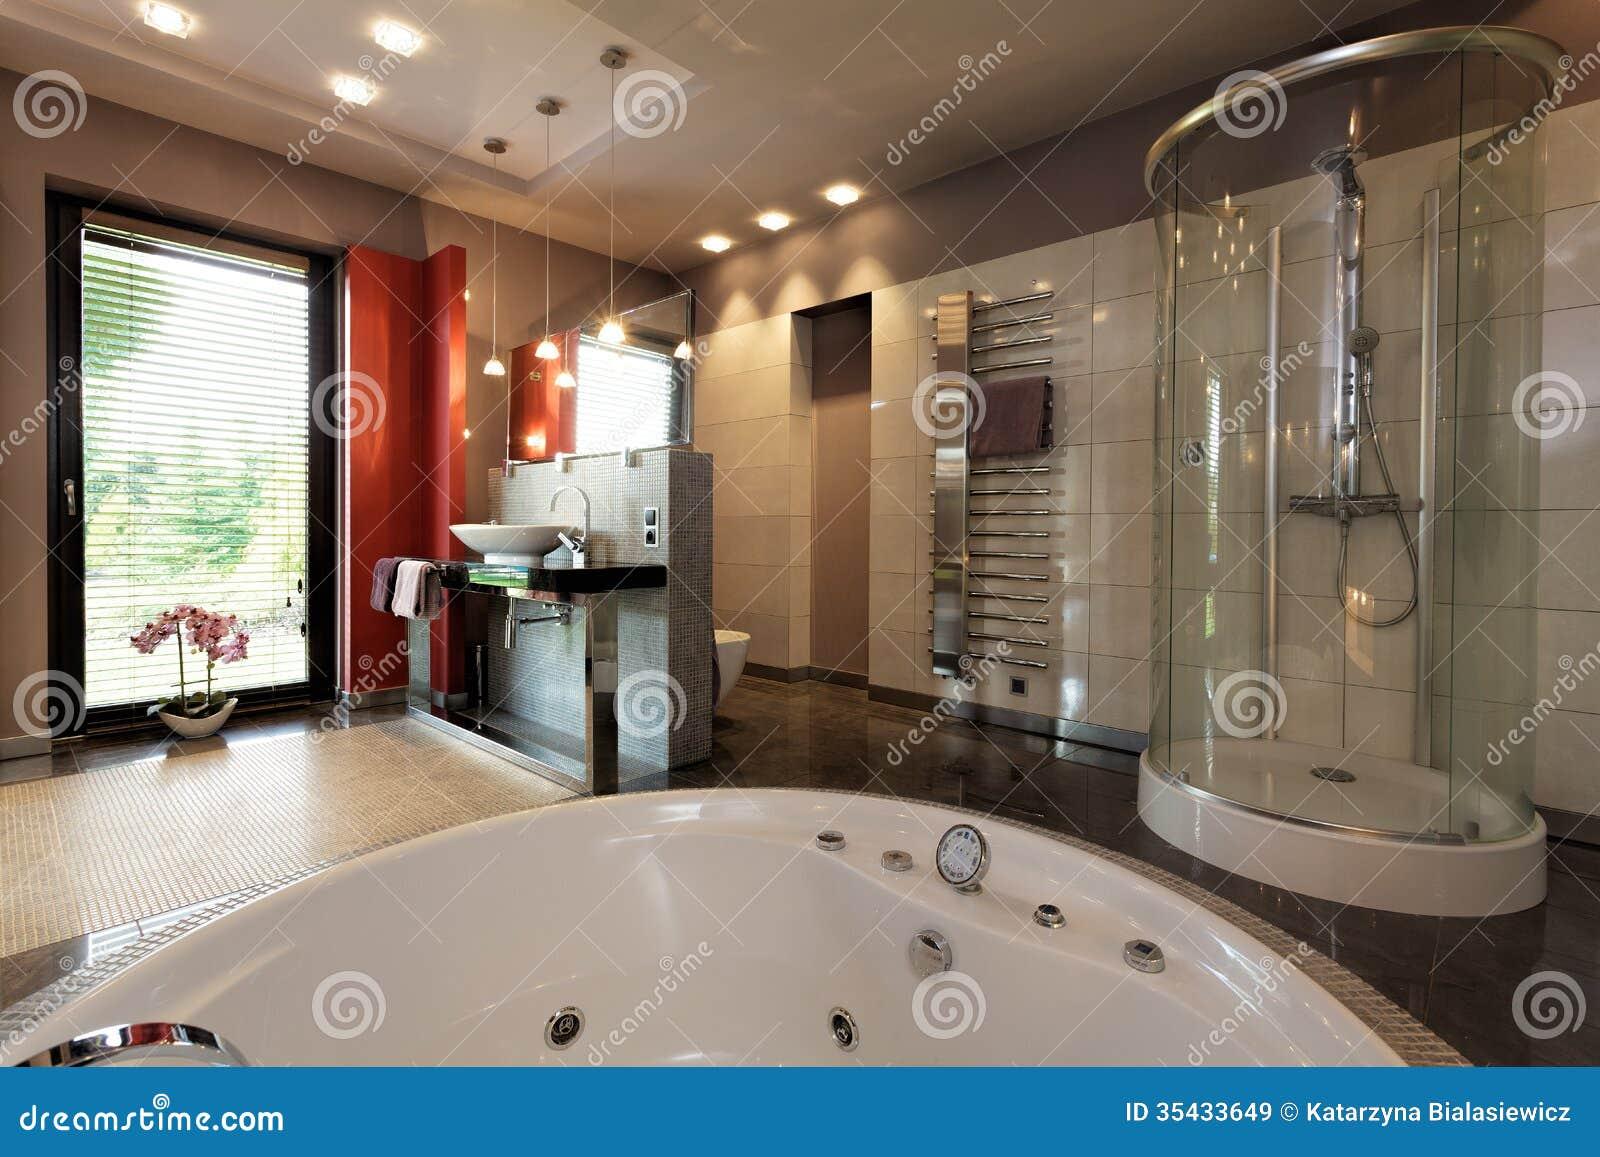 salle de bains de luxe avec le bain et la douche images libres de droits - Salle De Bain De Luxe Avec Jacuzzi